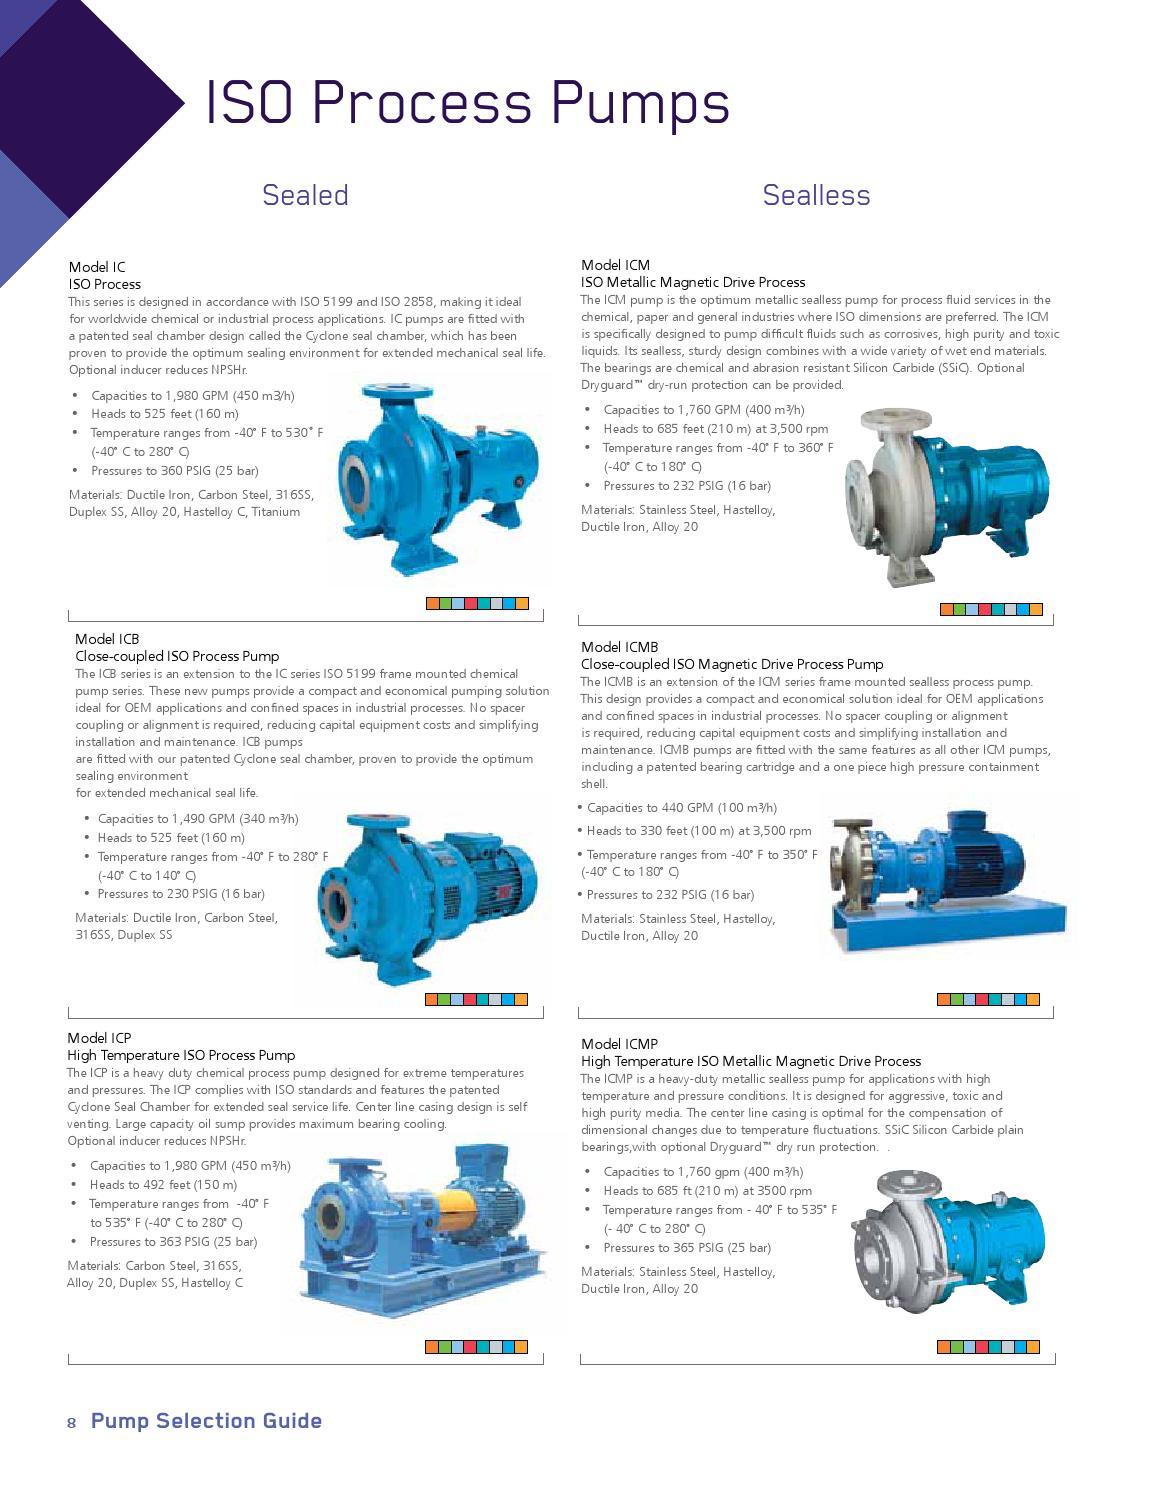 Goulds Pumps - Pump Selection Guide